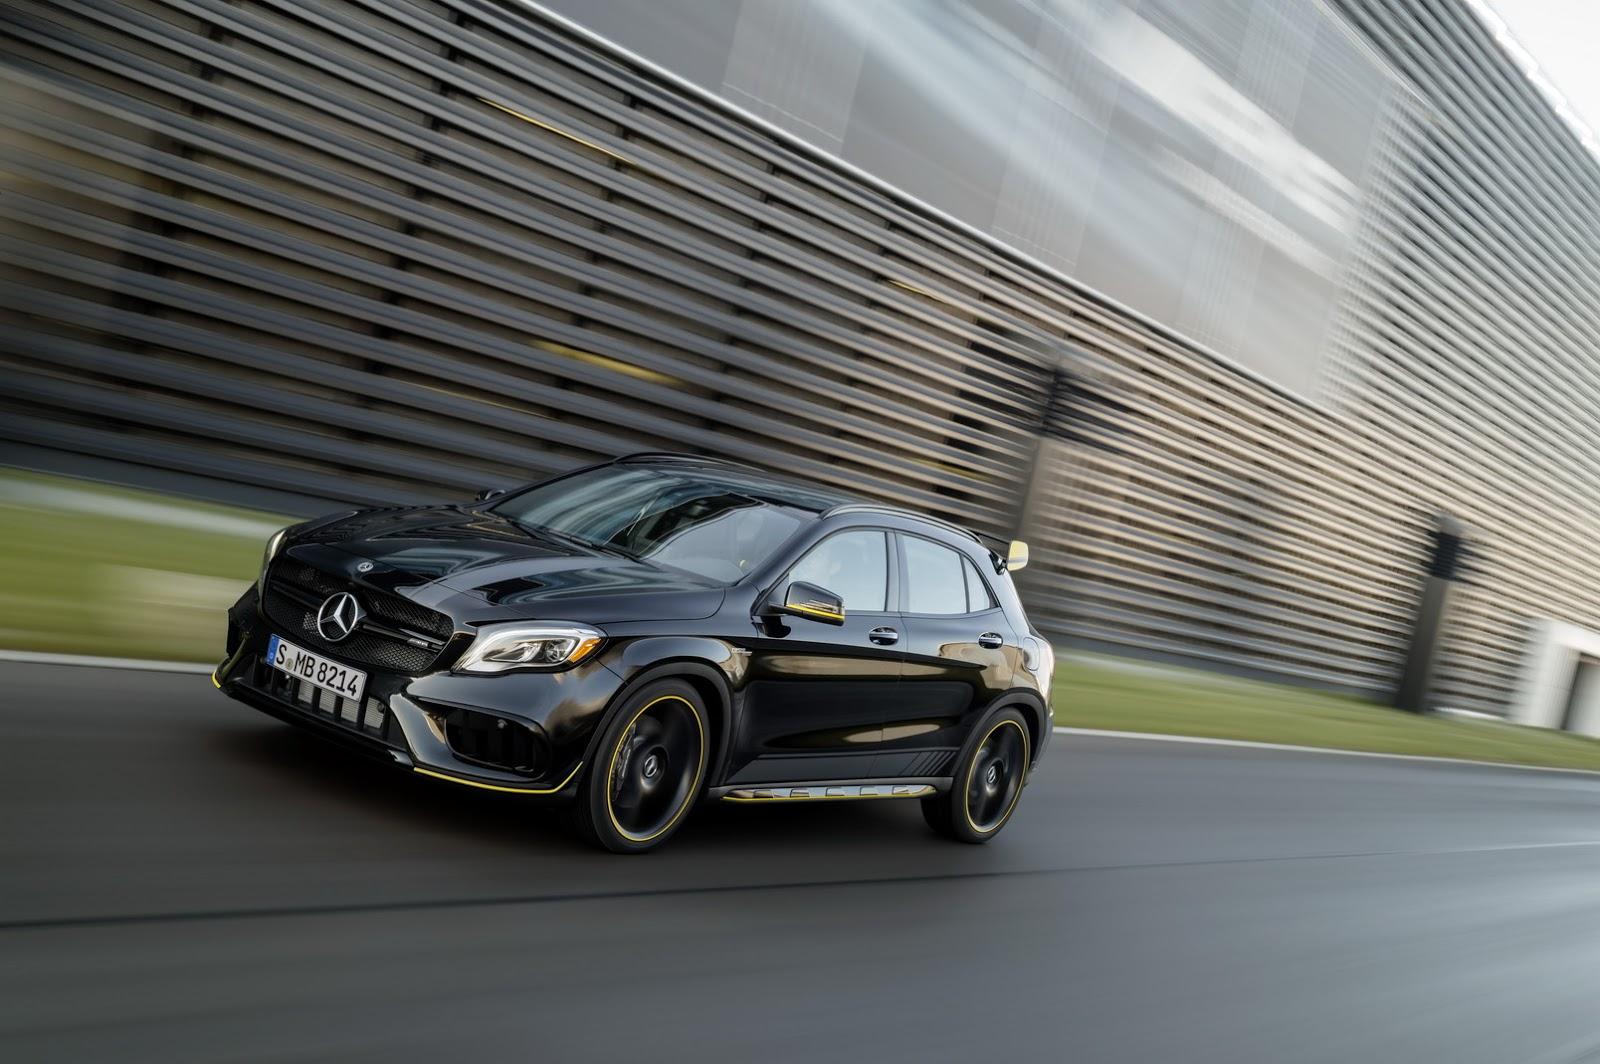 Mercedes GLA facelift and GLA 45 AMG facelift 2017 (80)